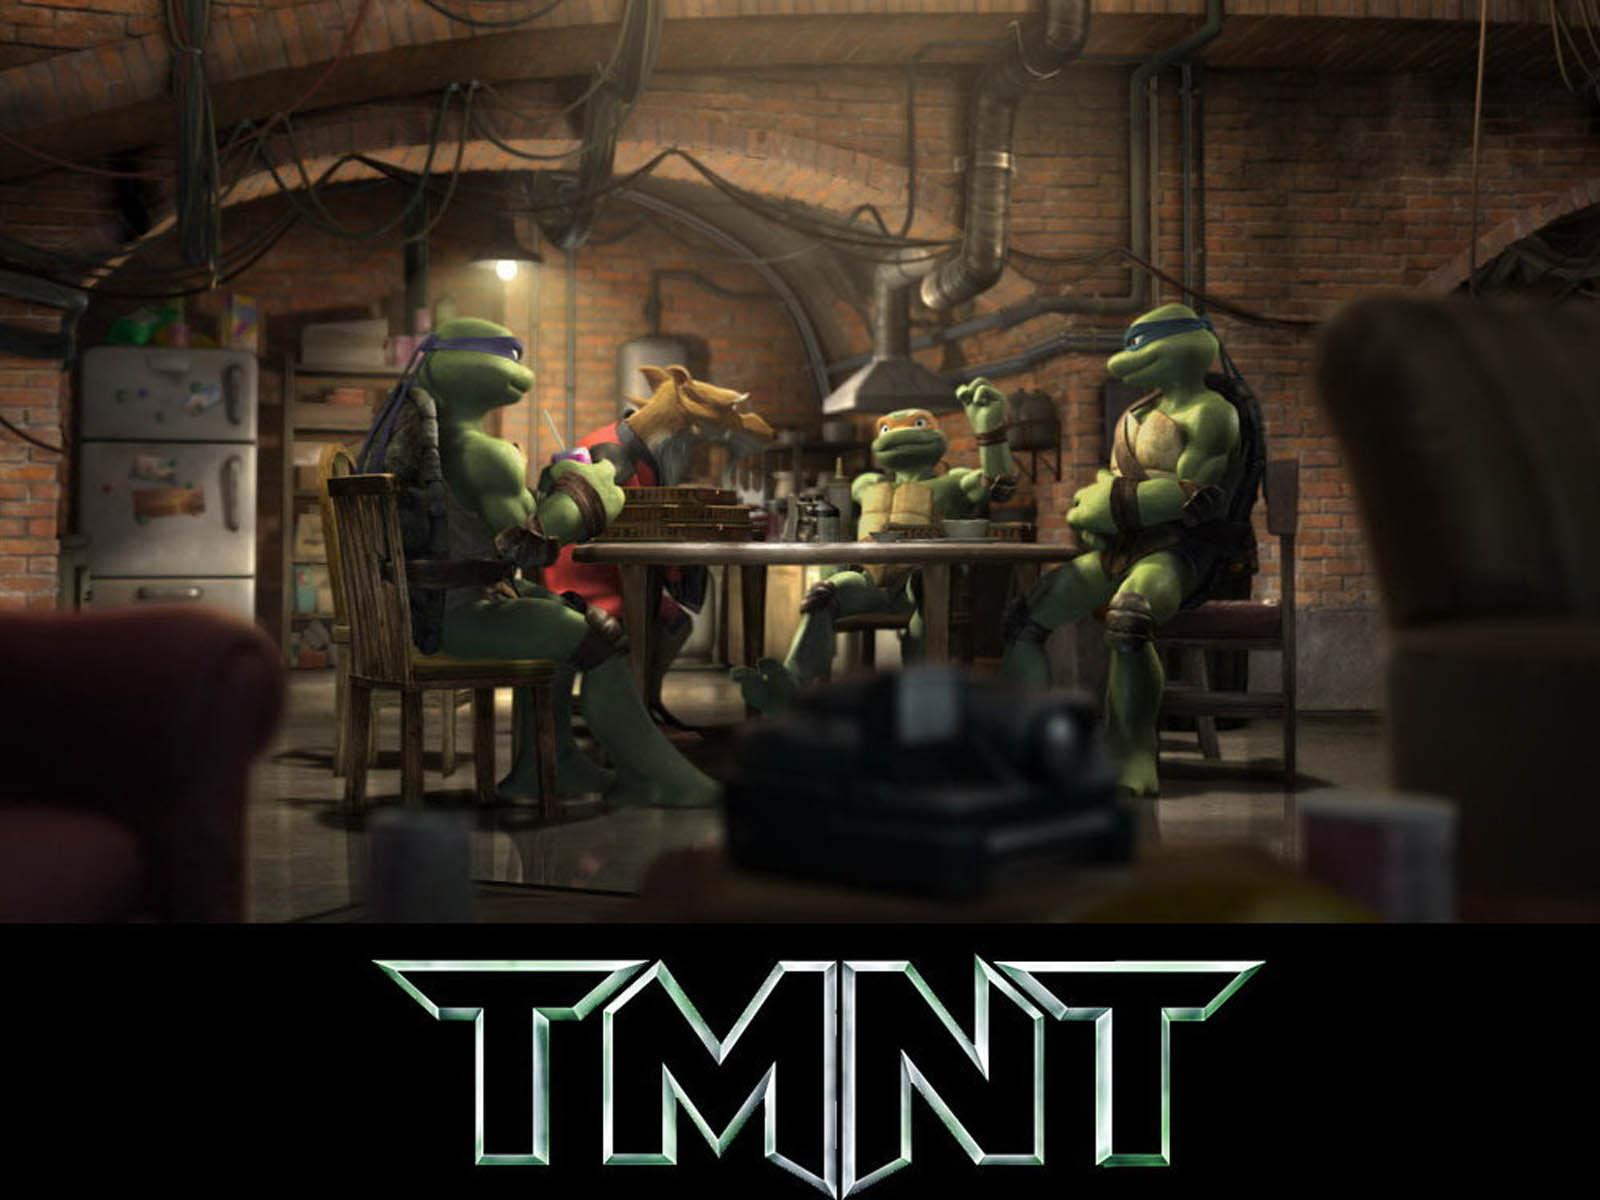 http://2.bp.blogspot.com/-F0vD0w5lv-E/T8cWMBfDDsI/AAAAAAAADUc/DPJR2PcLZ9A/s1600/Teenage+Mutant+Ninja+Turtles+(TMNT)+7.jpg